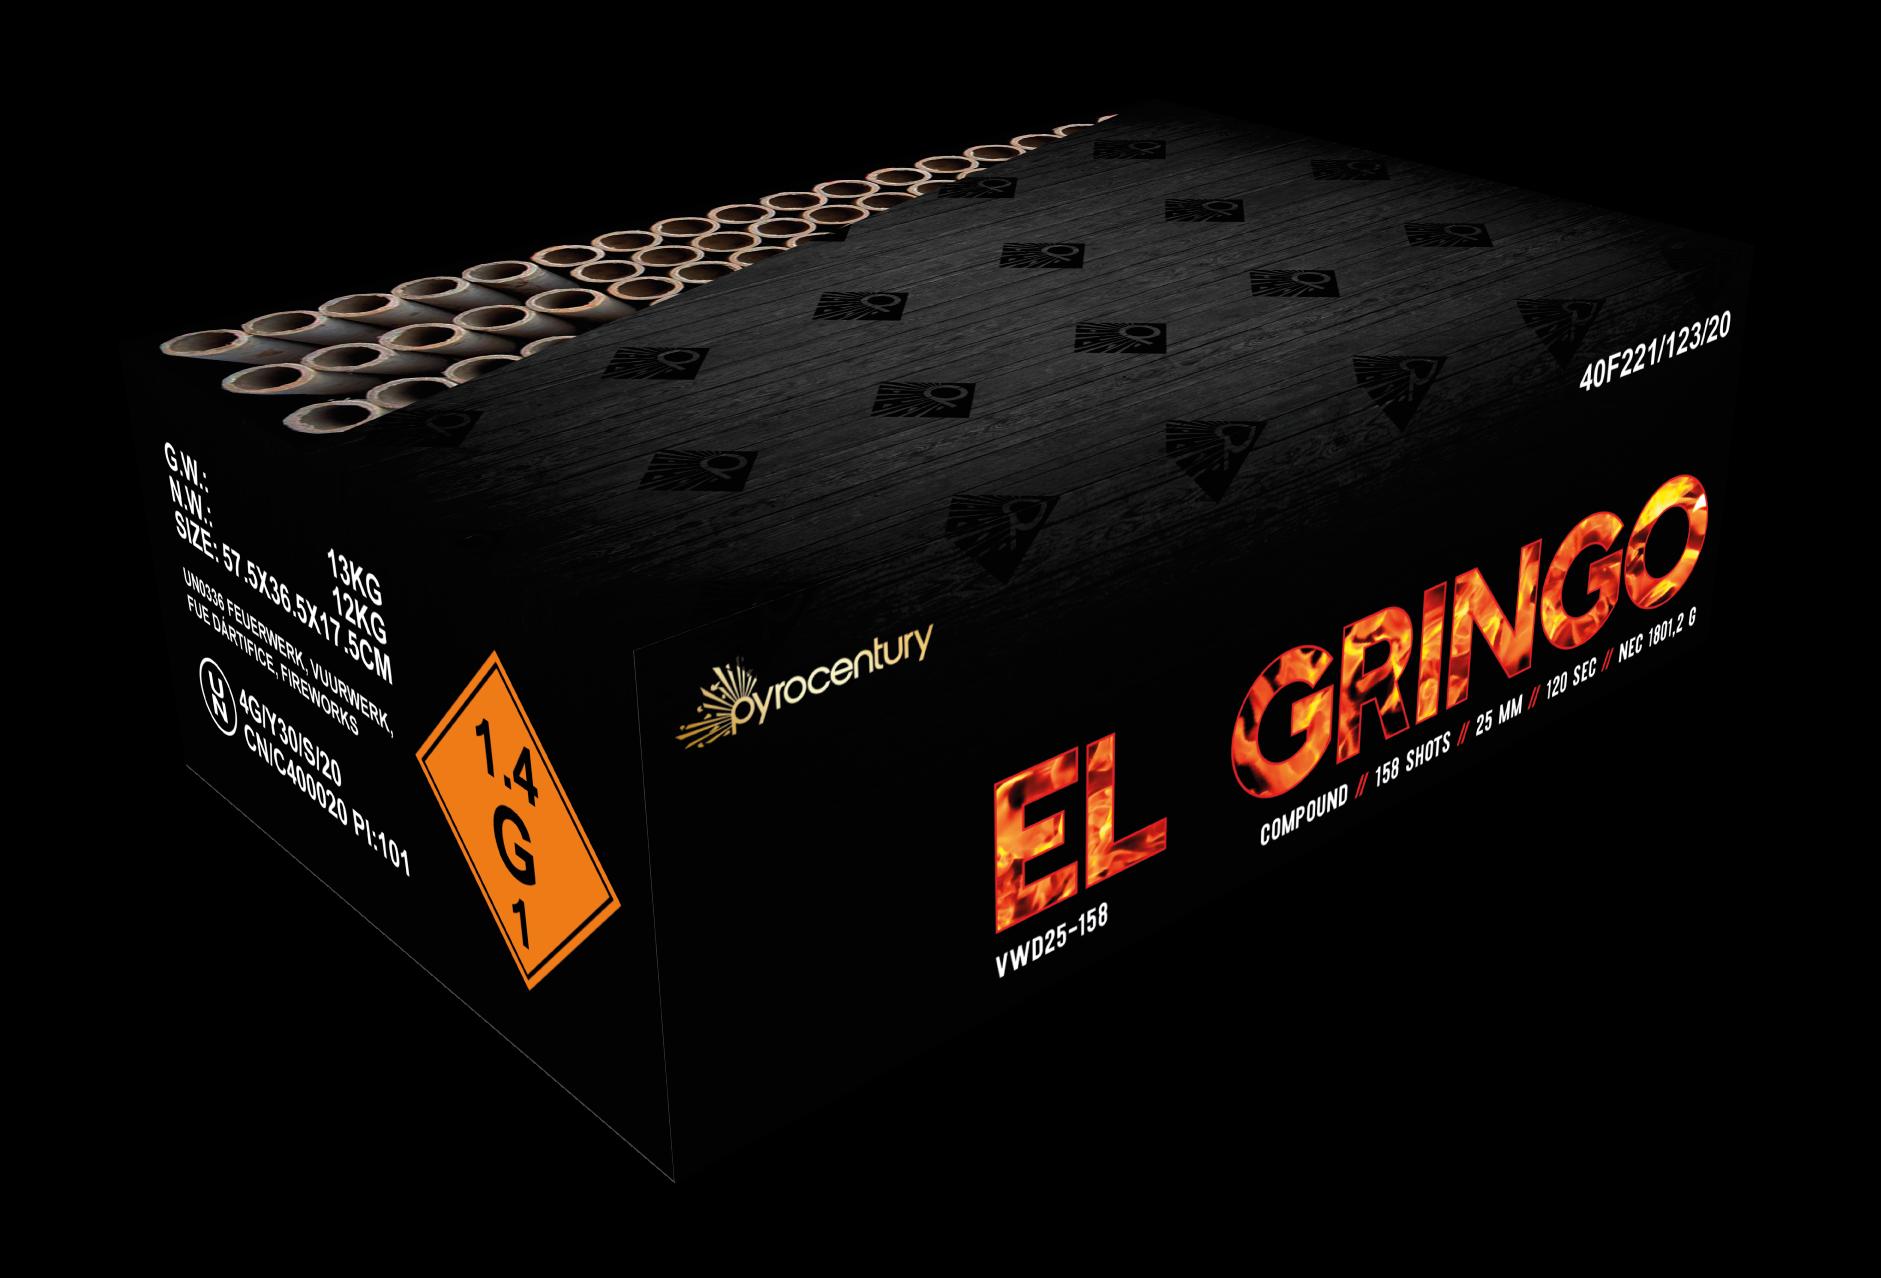 VWD El Gringo 158 Schots Compound